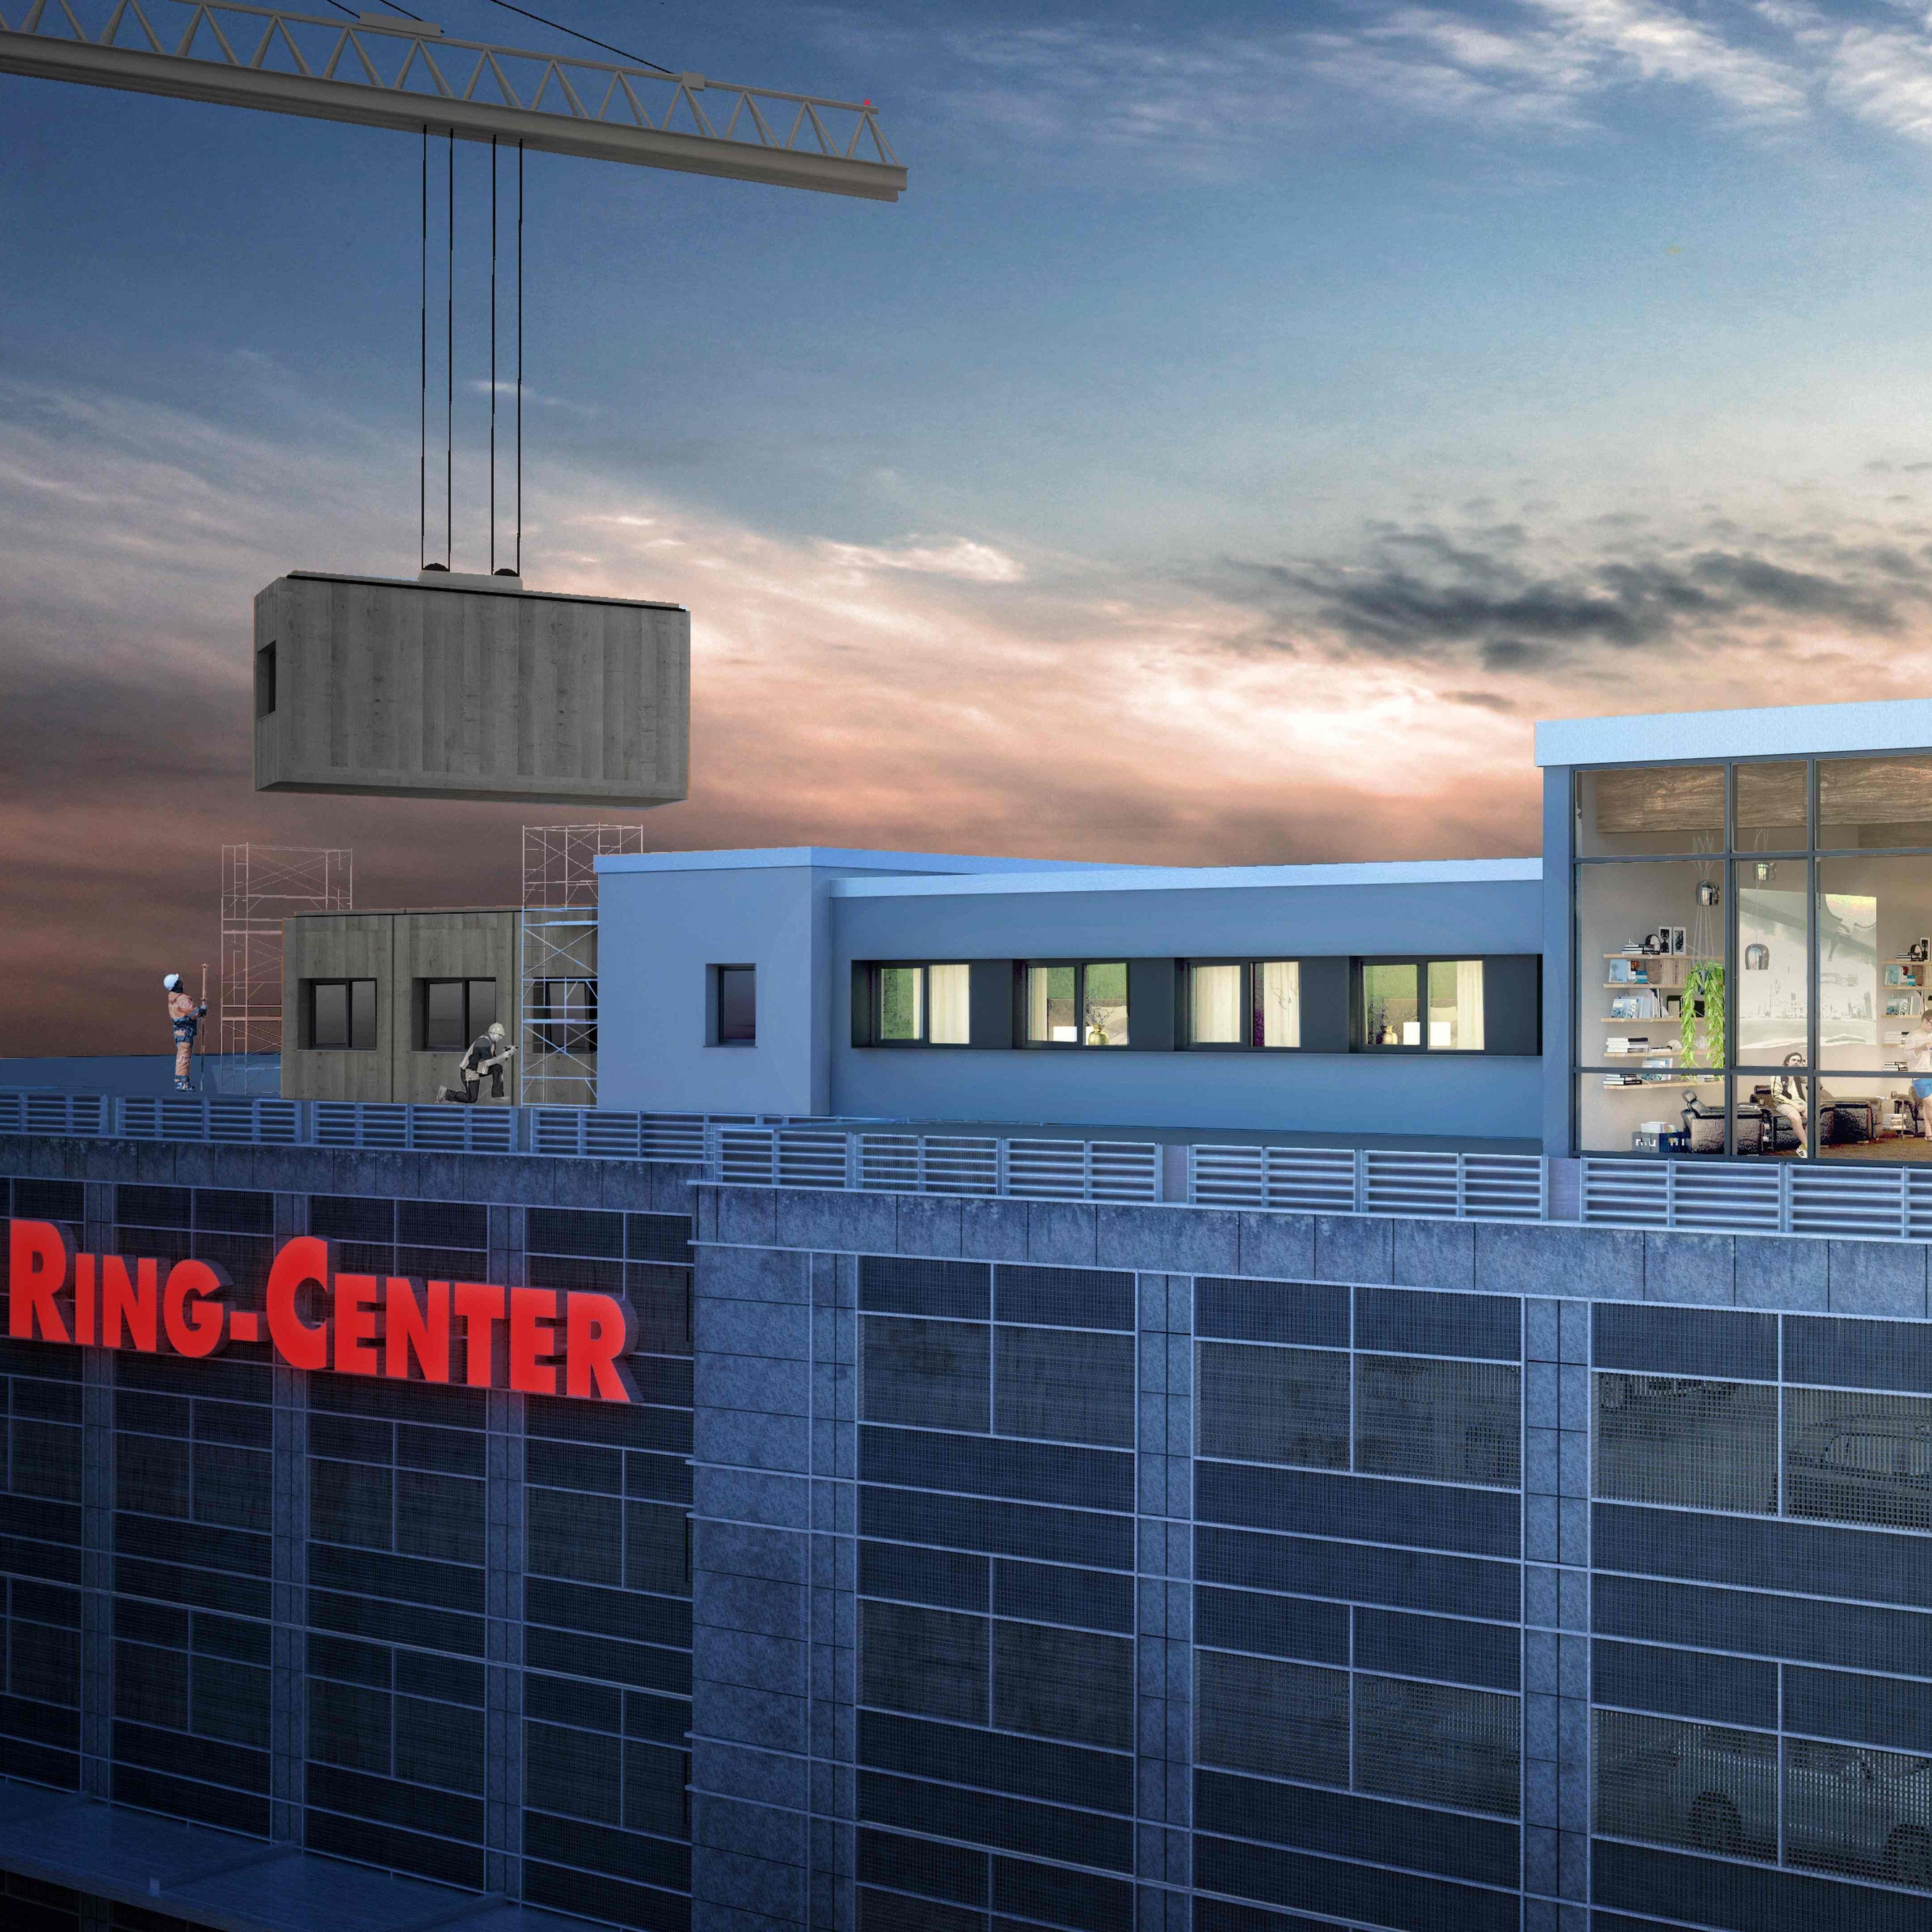 standorte berlin auf dem ring center 2 entsteht ein hotel. Black Bedroom Furniture Sets. Home Design Ideas